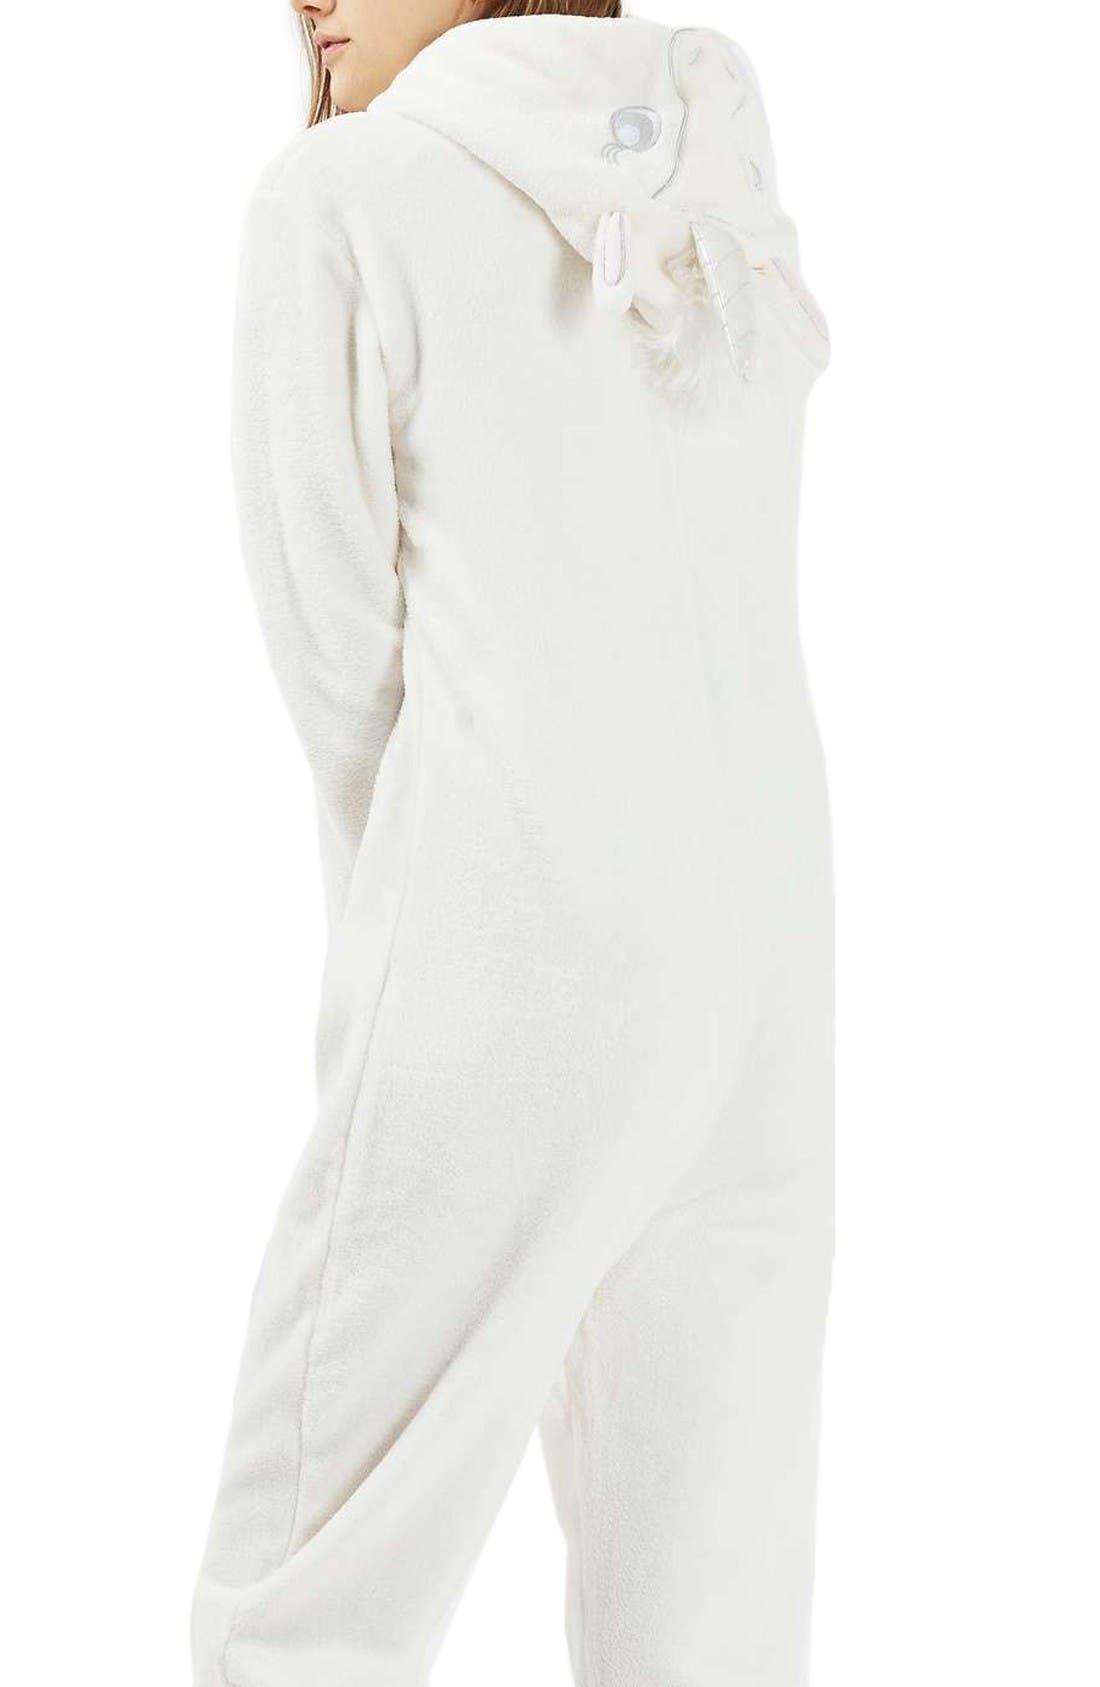 Alternate Image 1 Selected - Topshop Unicorn One-Piece Pajamas